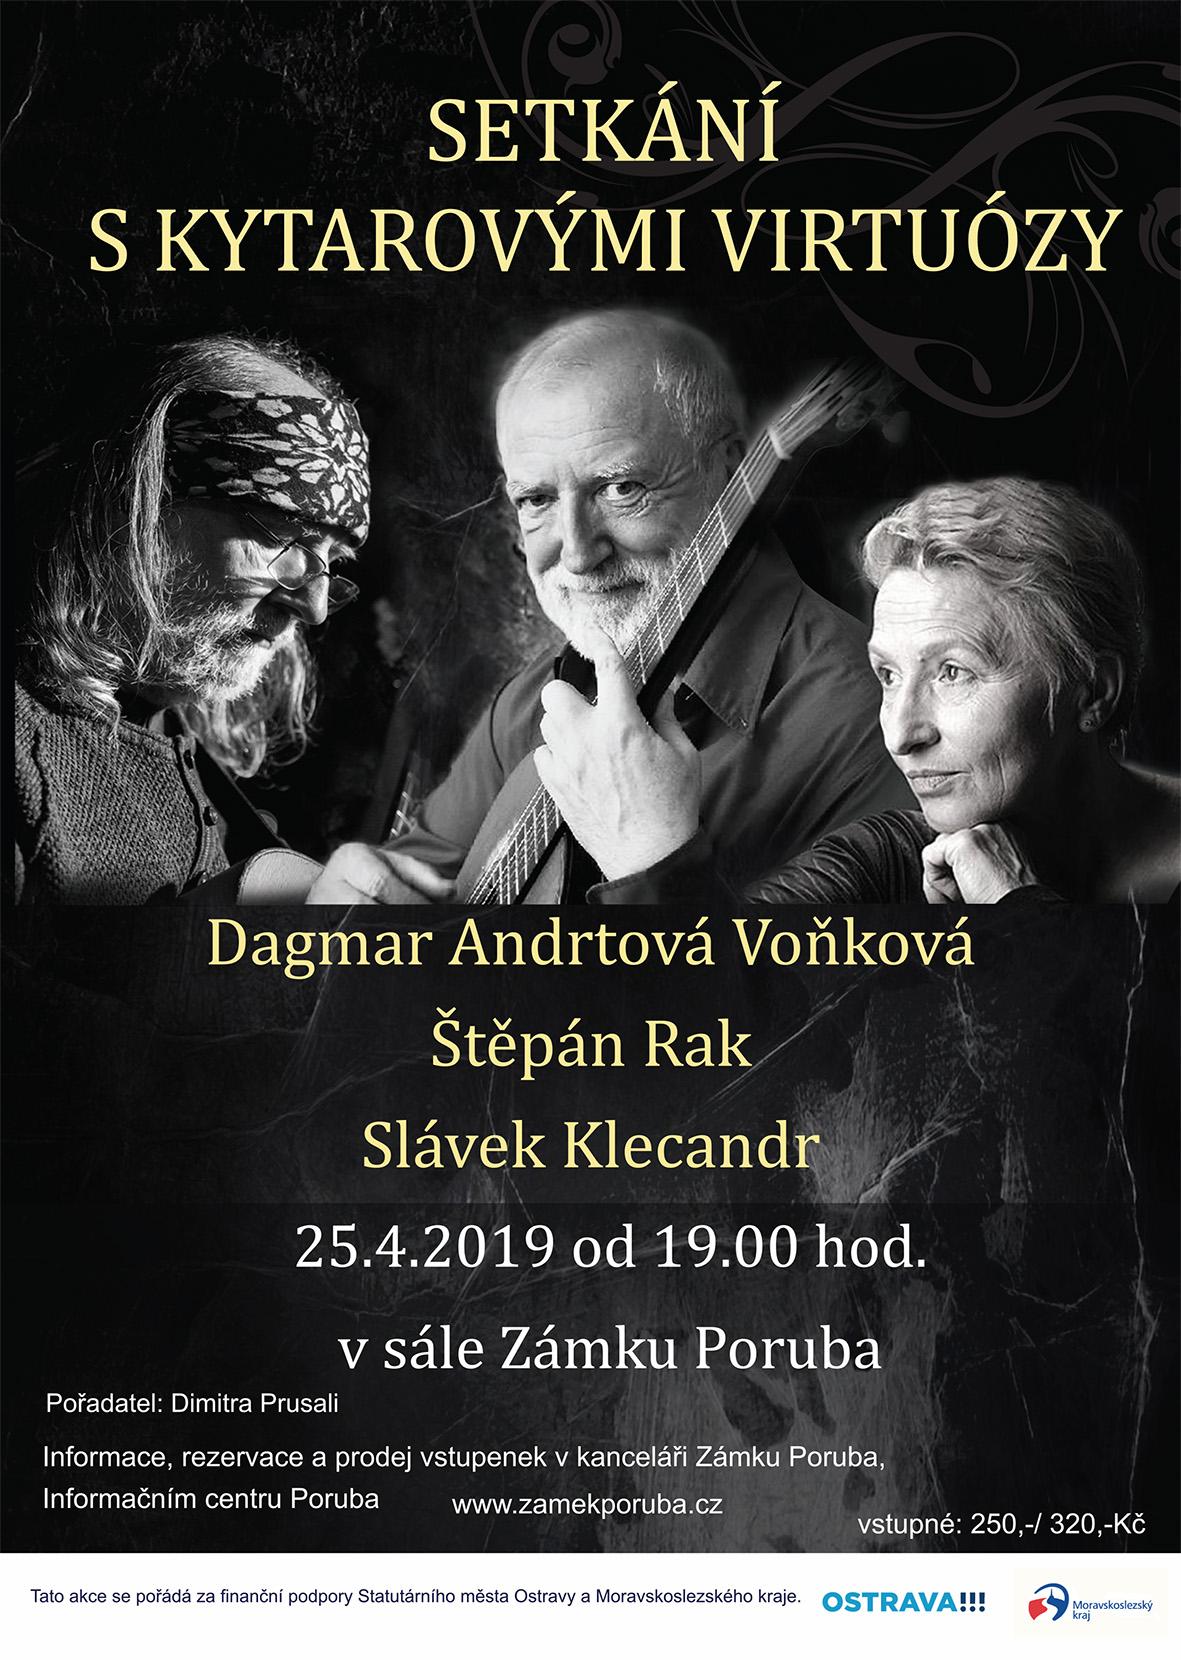 Setkání s kytarovými virtuózy 25.4.2019 od 19:00 hod.